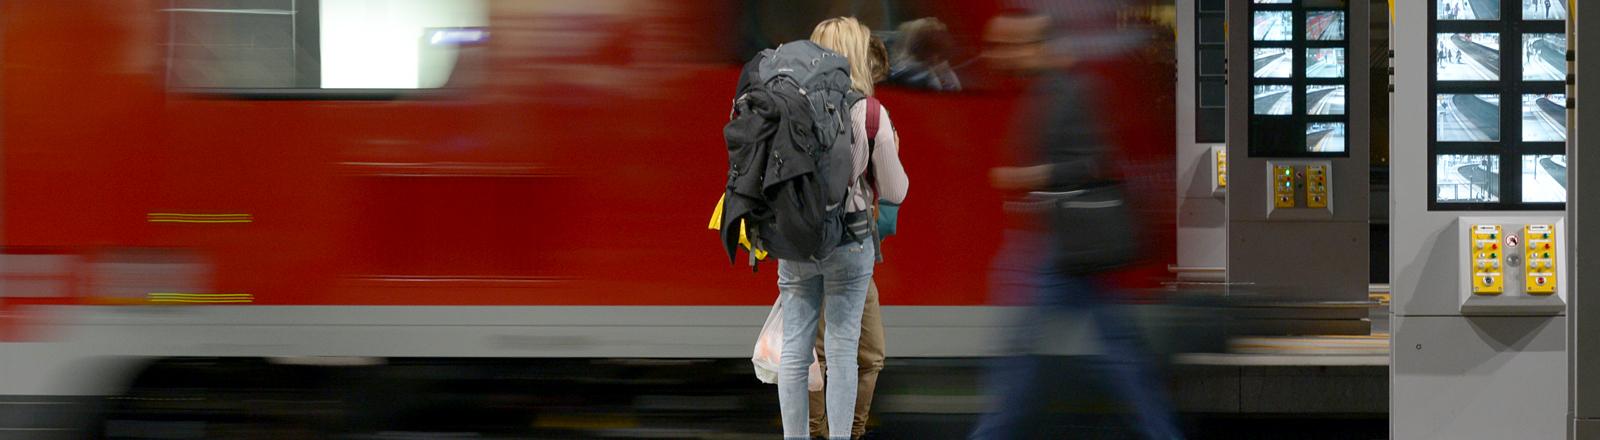 Frau am Bahngleis